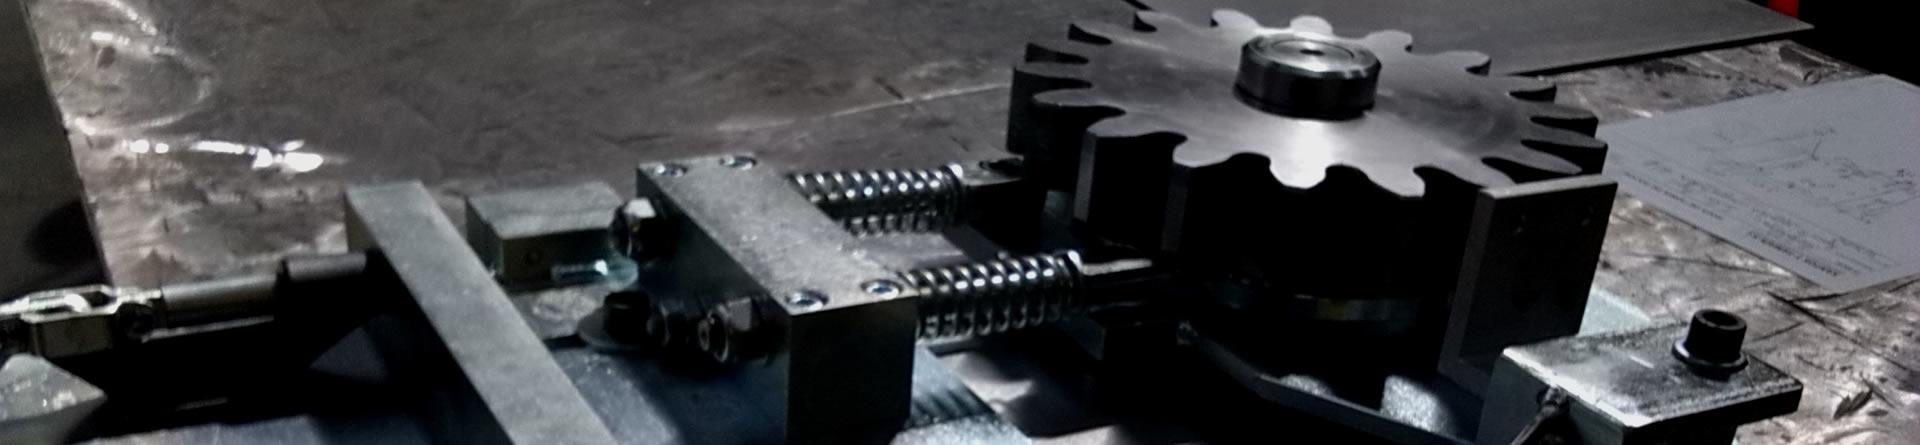 Diseño de máquinas, estructuras y mantenimiento industrial